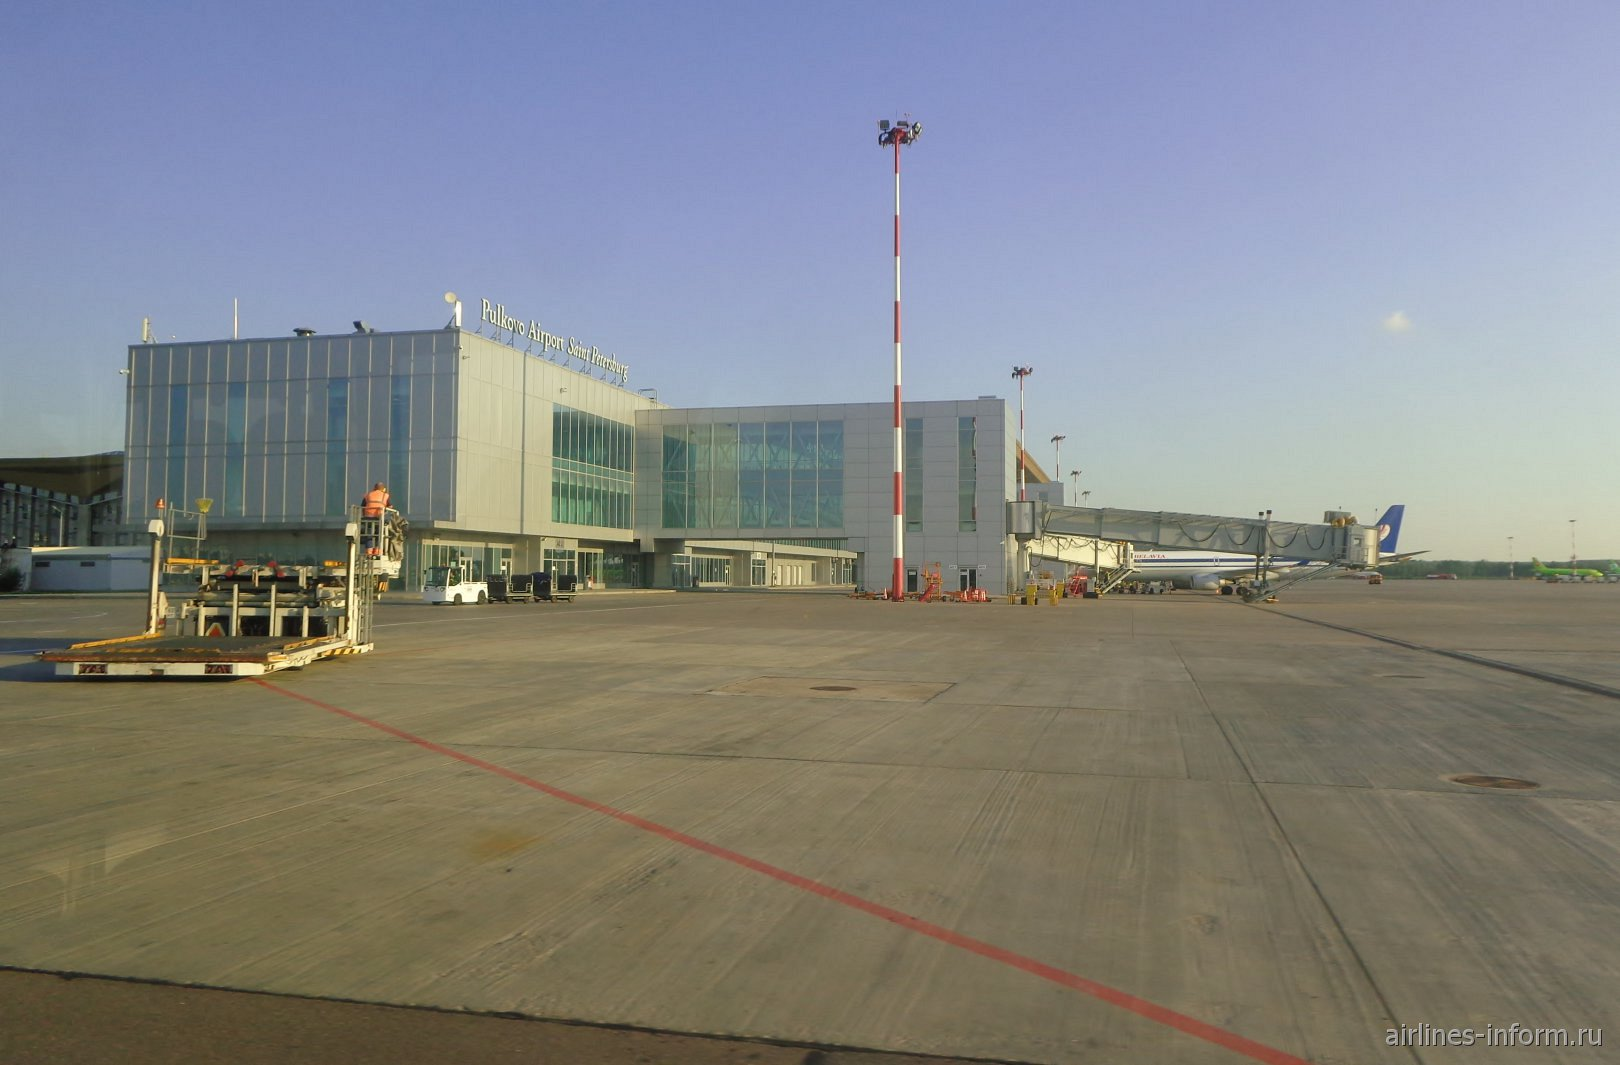 Торец международного сектора аэропорта Санкт-Петербург Пулково